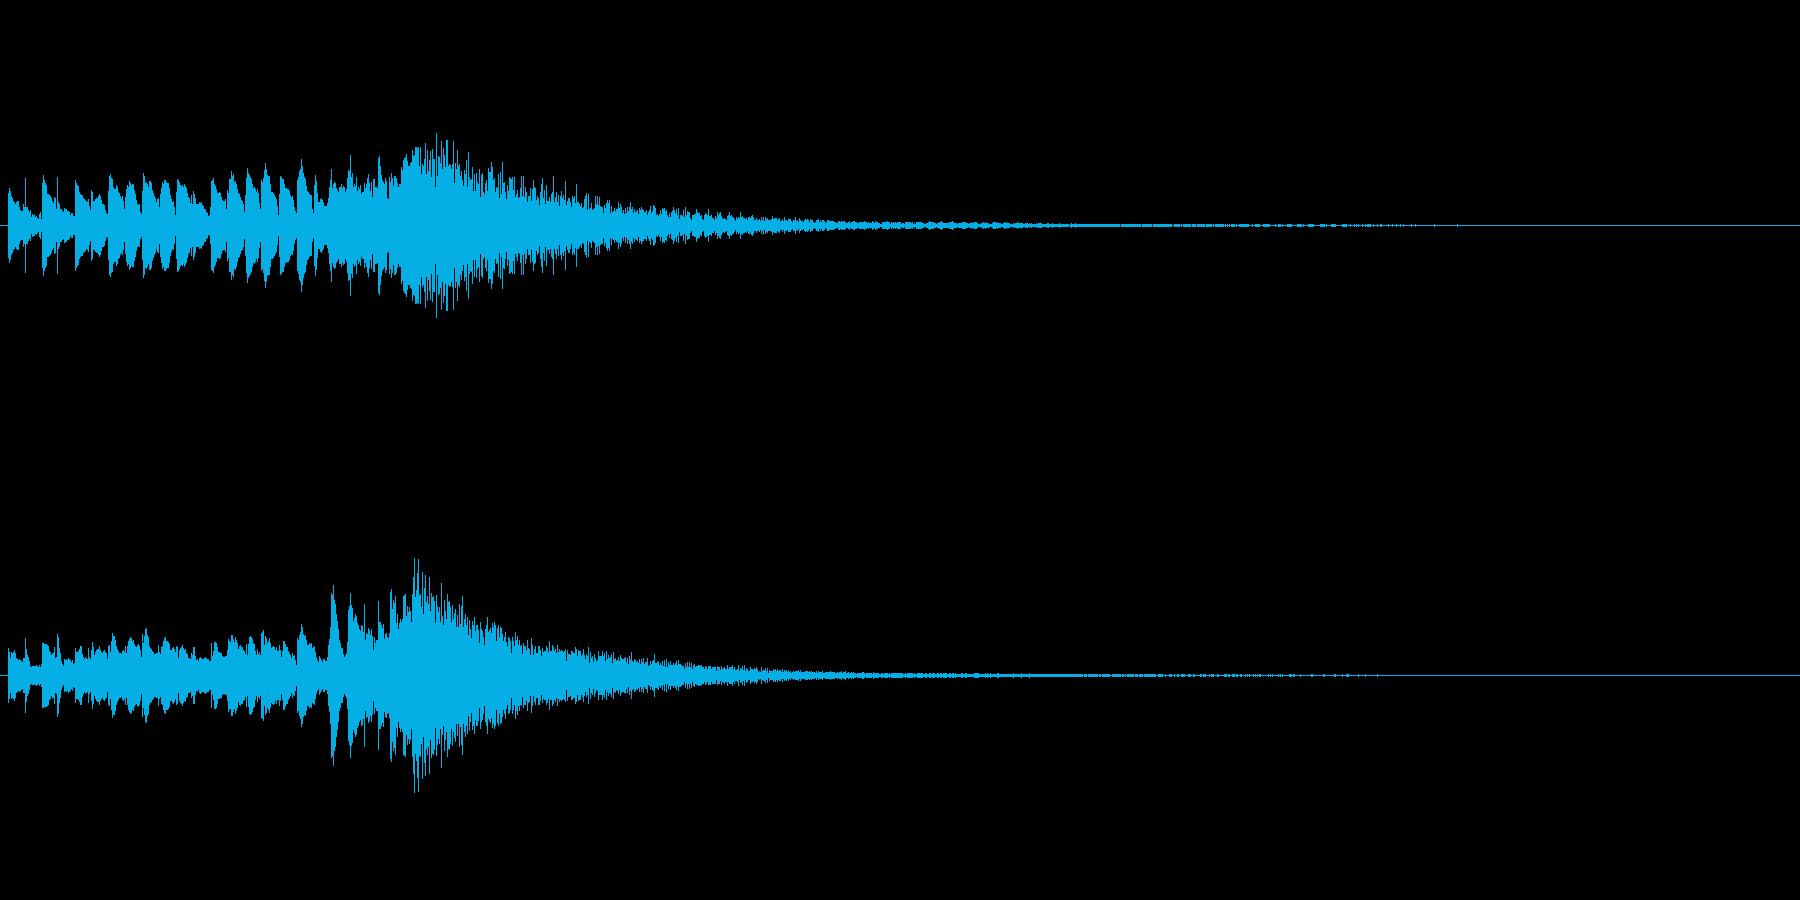 琴、陰旋法、トレモロ下降スケールジングルの再生済みの波形